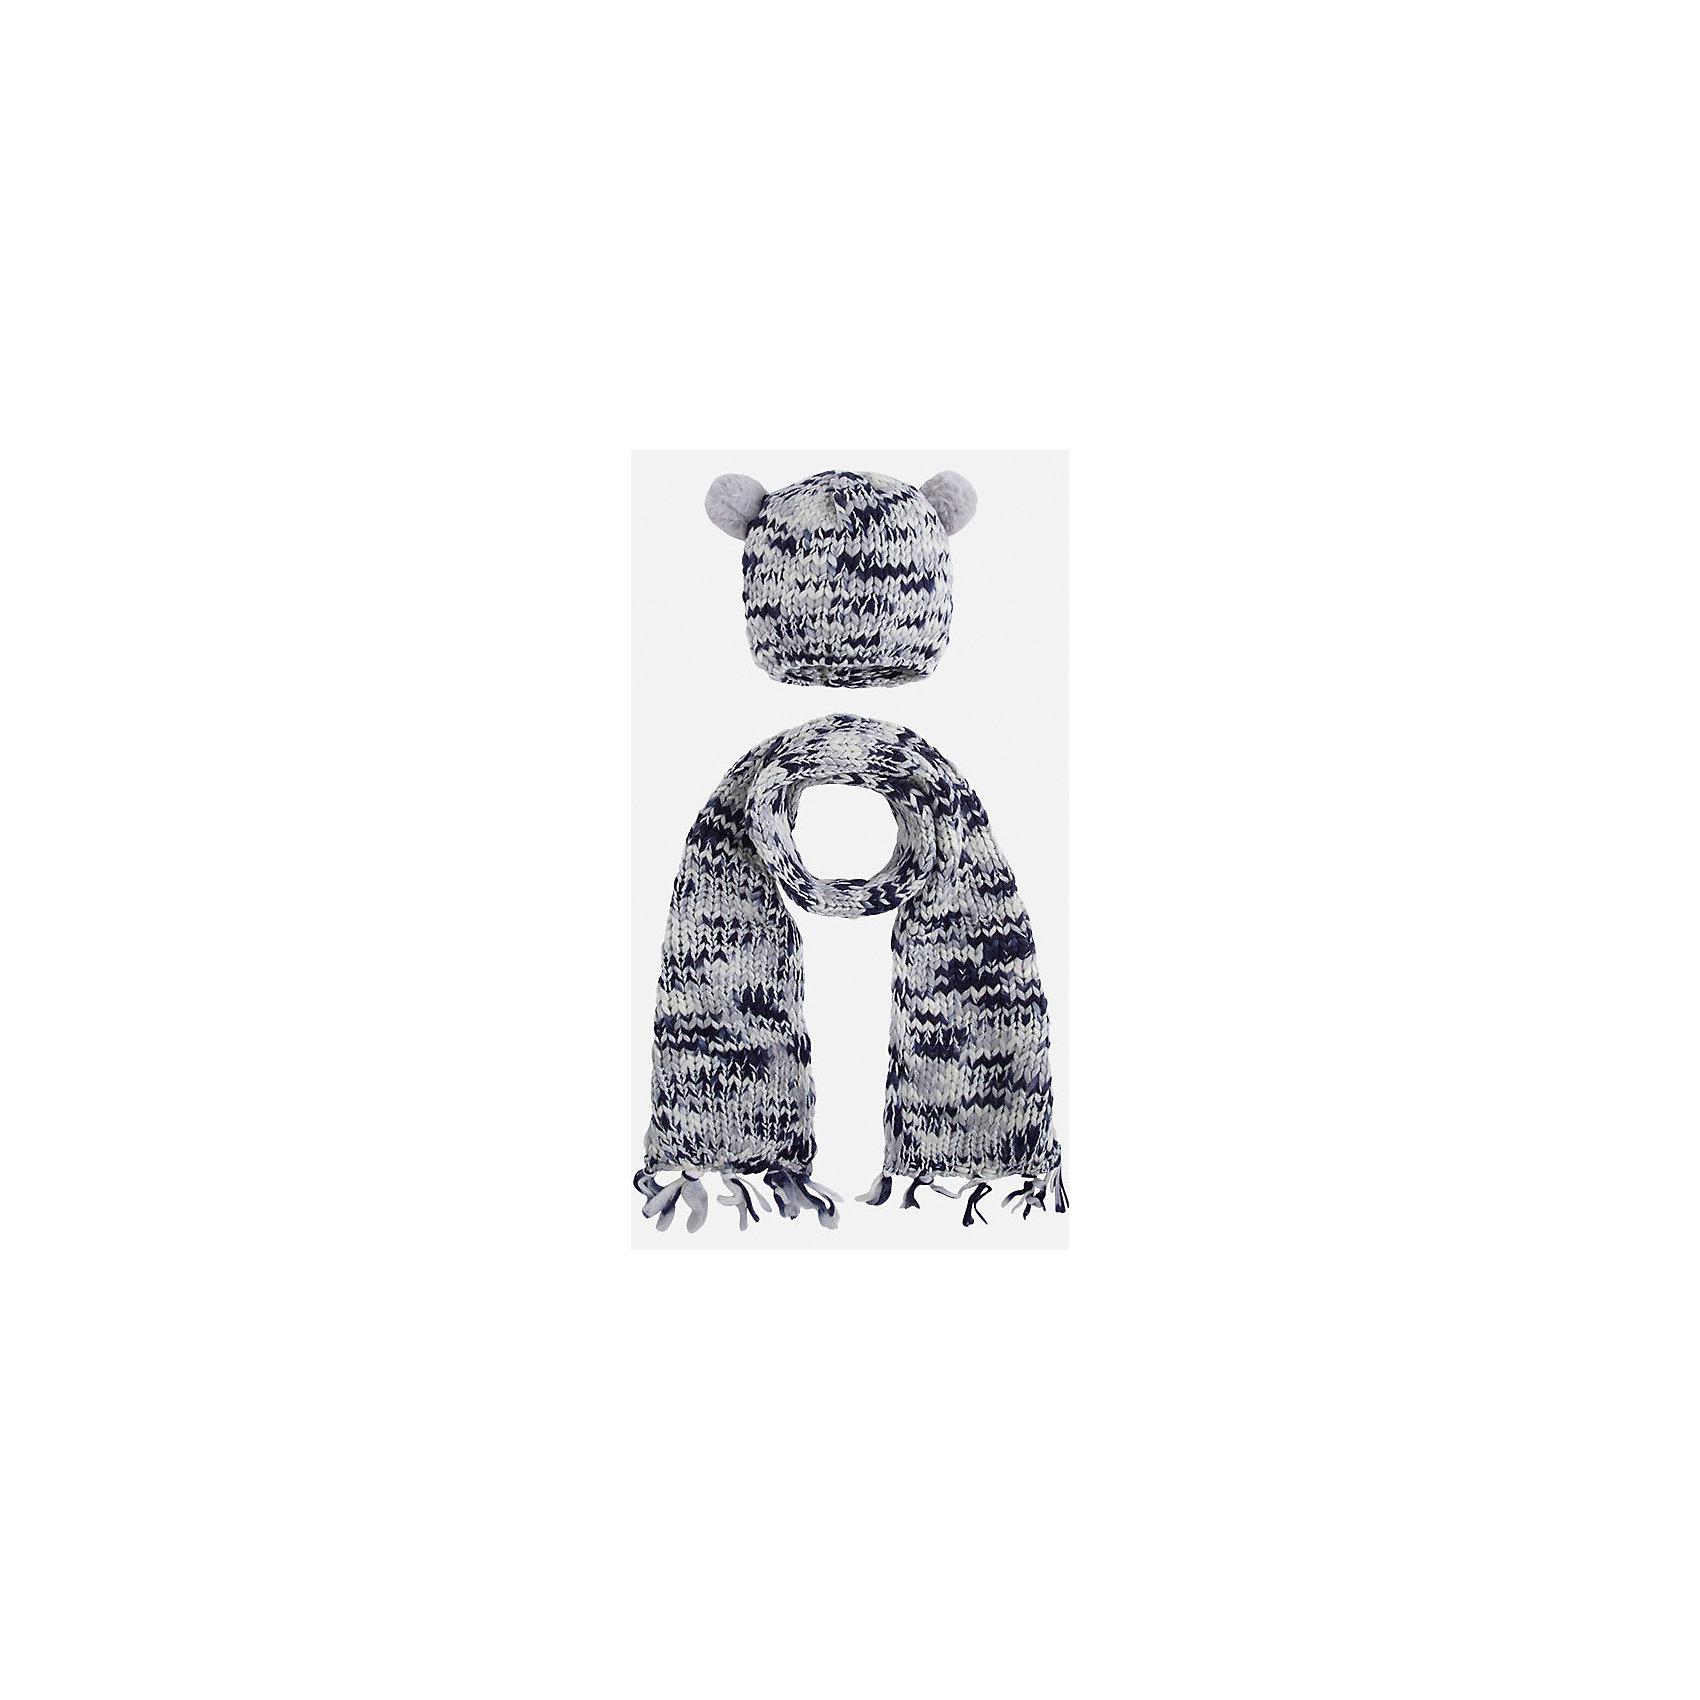 Комплект:шапка и шарф для девочки MayoralГоловные уборы<br>Комплект: шапка и шарф для девочки Mayoral от известного испанского бренда Mayoral. Вязаный комплект выполнен из акриловой пряжи с добавлением люрексовой нити серебристого цвета. Комплект состоит из шапки и шарфа, связанных крупной вязкой. Шапка имеет классическую форму, сверху по бокам имеются небольшие помпоны из серой пряжи, по краям шарфа – кисти, выполненные из пряжи. <br><br>Дополнительная информация:<br><br>- Предназначение: повседневная одежда<br>- Комплектация: шапка, шарф<br>- Цвет: серый, белый, темно-синий<br>- Пол: для девочки<br>- Состав: 90% акрил, 10% металлизированная нить<br>- Сезон: осень-зима-весна<br>- Особенности ухода: стирка при температуре 30 градусов, разрешается химическая чистка, глажение <br><br>Подробнее:<br><br>• Для детей в возрасте: от 2 лет и до 9 лет<br>• Страна производитель: Китай<br>• Торговый бренд: Mayoral<br><br>Комплект: шапка и шарф для девочки Mayoral (Майорал) можно купить в нашем интернет-магазине.<br><br>Ширина мм: 89<br>Глубина мм: 117<br>Высота мм: 44<br>Вес г: 155<br>Цвет: синий<br>Возраст от месяцев: 48<br>Возраст до месяцев: 72<br>Пол: Женский<br>Возраст: Детский<br>Размер: 52-54,48-50,54-56<br>SKU: 4847790